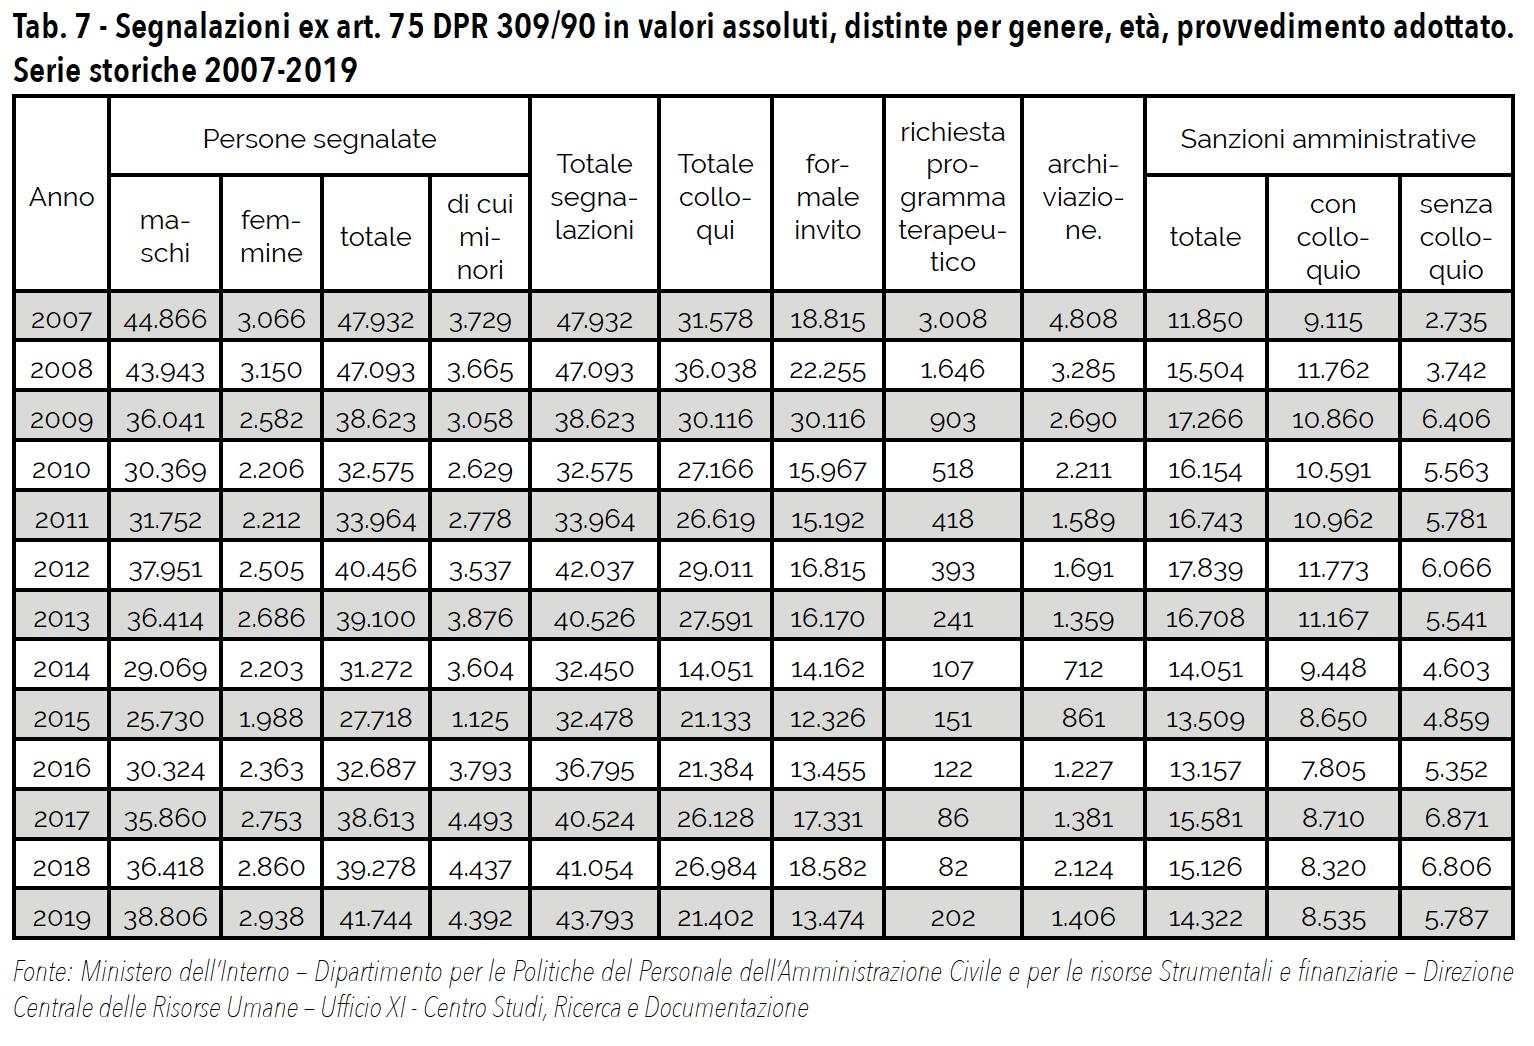 Tab. 7 - Segnalazioni ex art. 75 DPR 309/90 in valori assoluti, distinte per genere, età, provvedimento adottato. Serie storiche 2007-2019